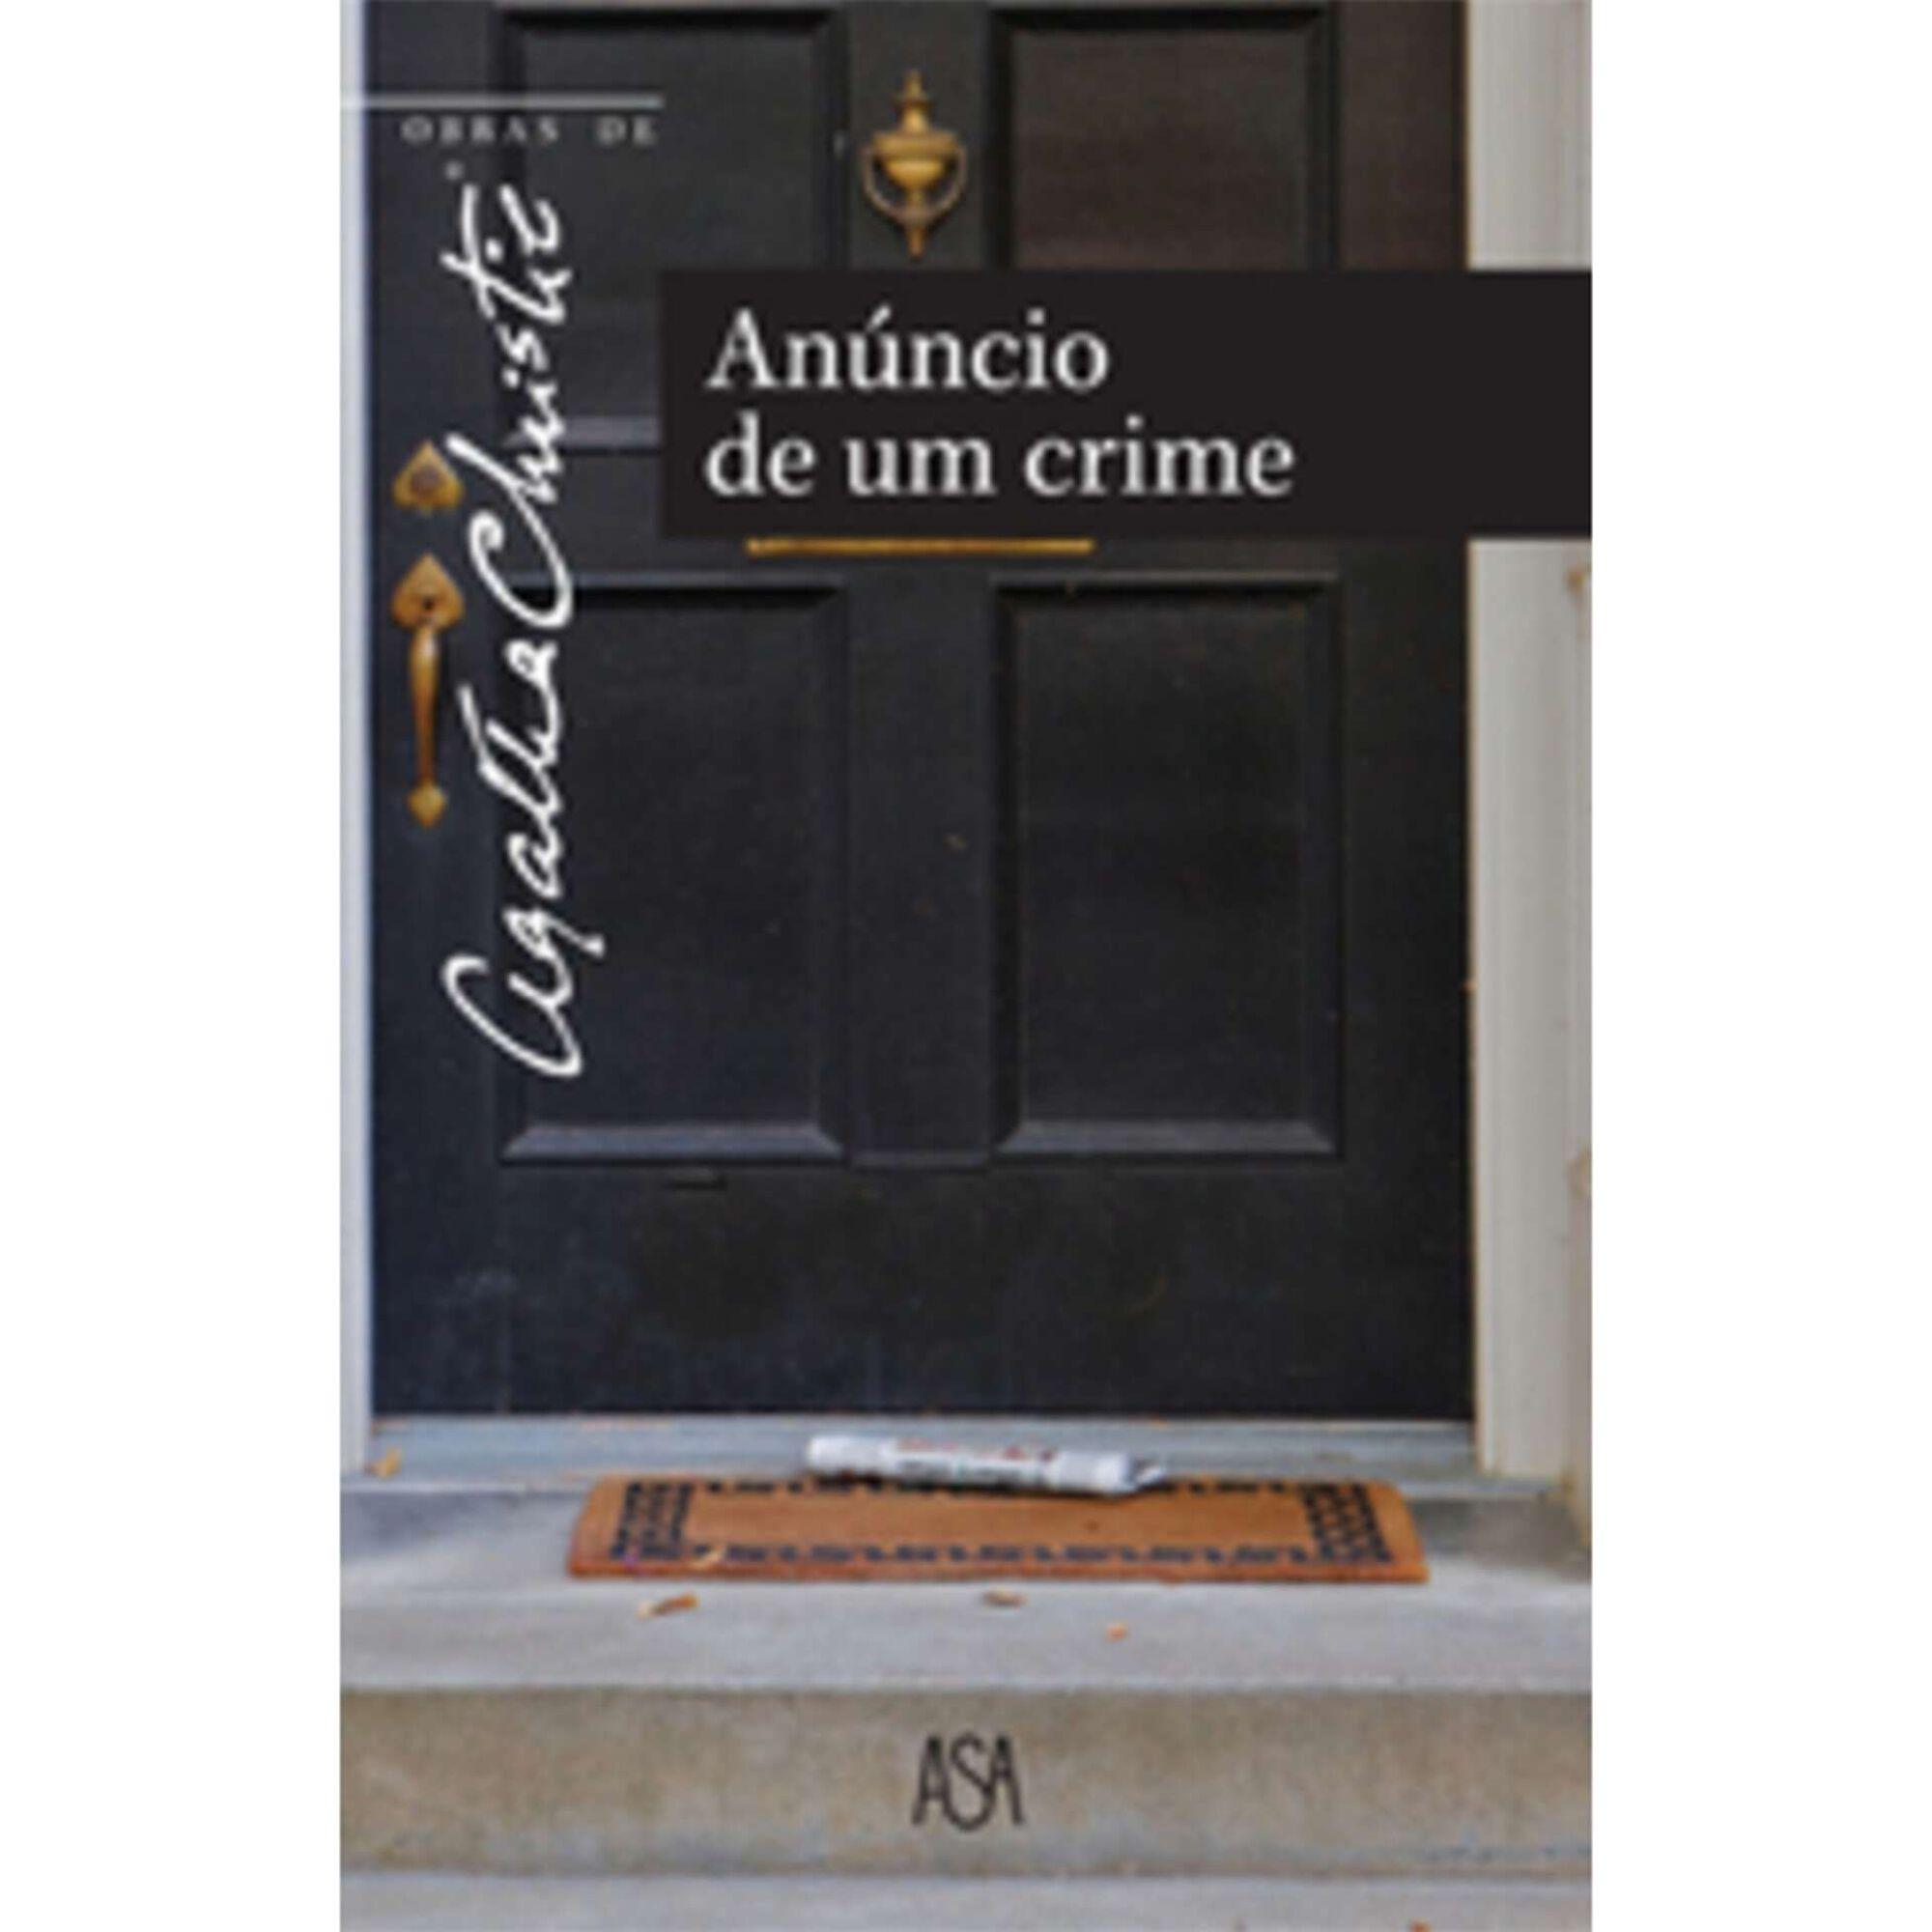 Obras de Agatha Christie - Anúncio De Um Crime (volume 8)